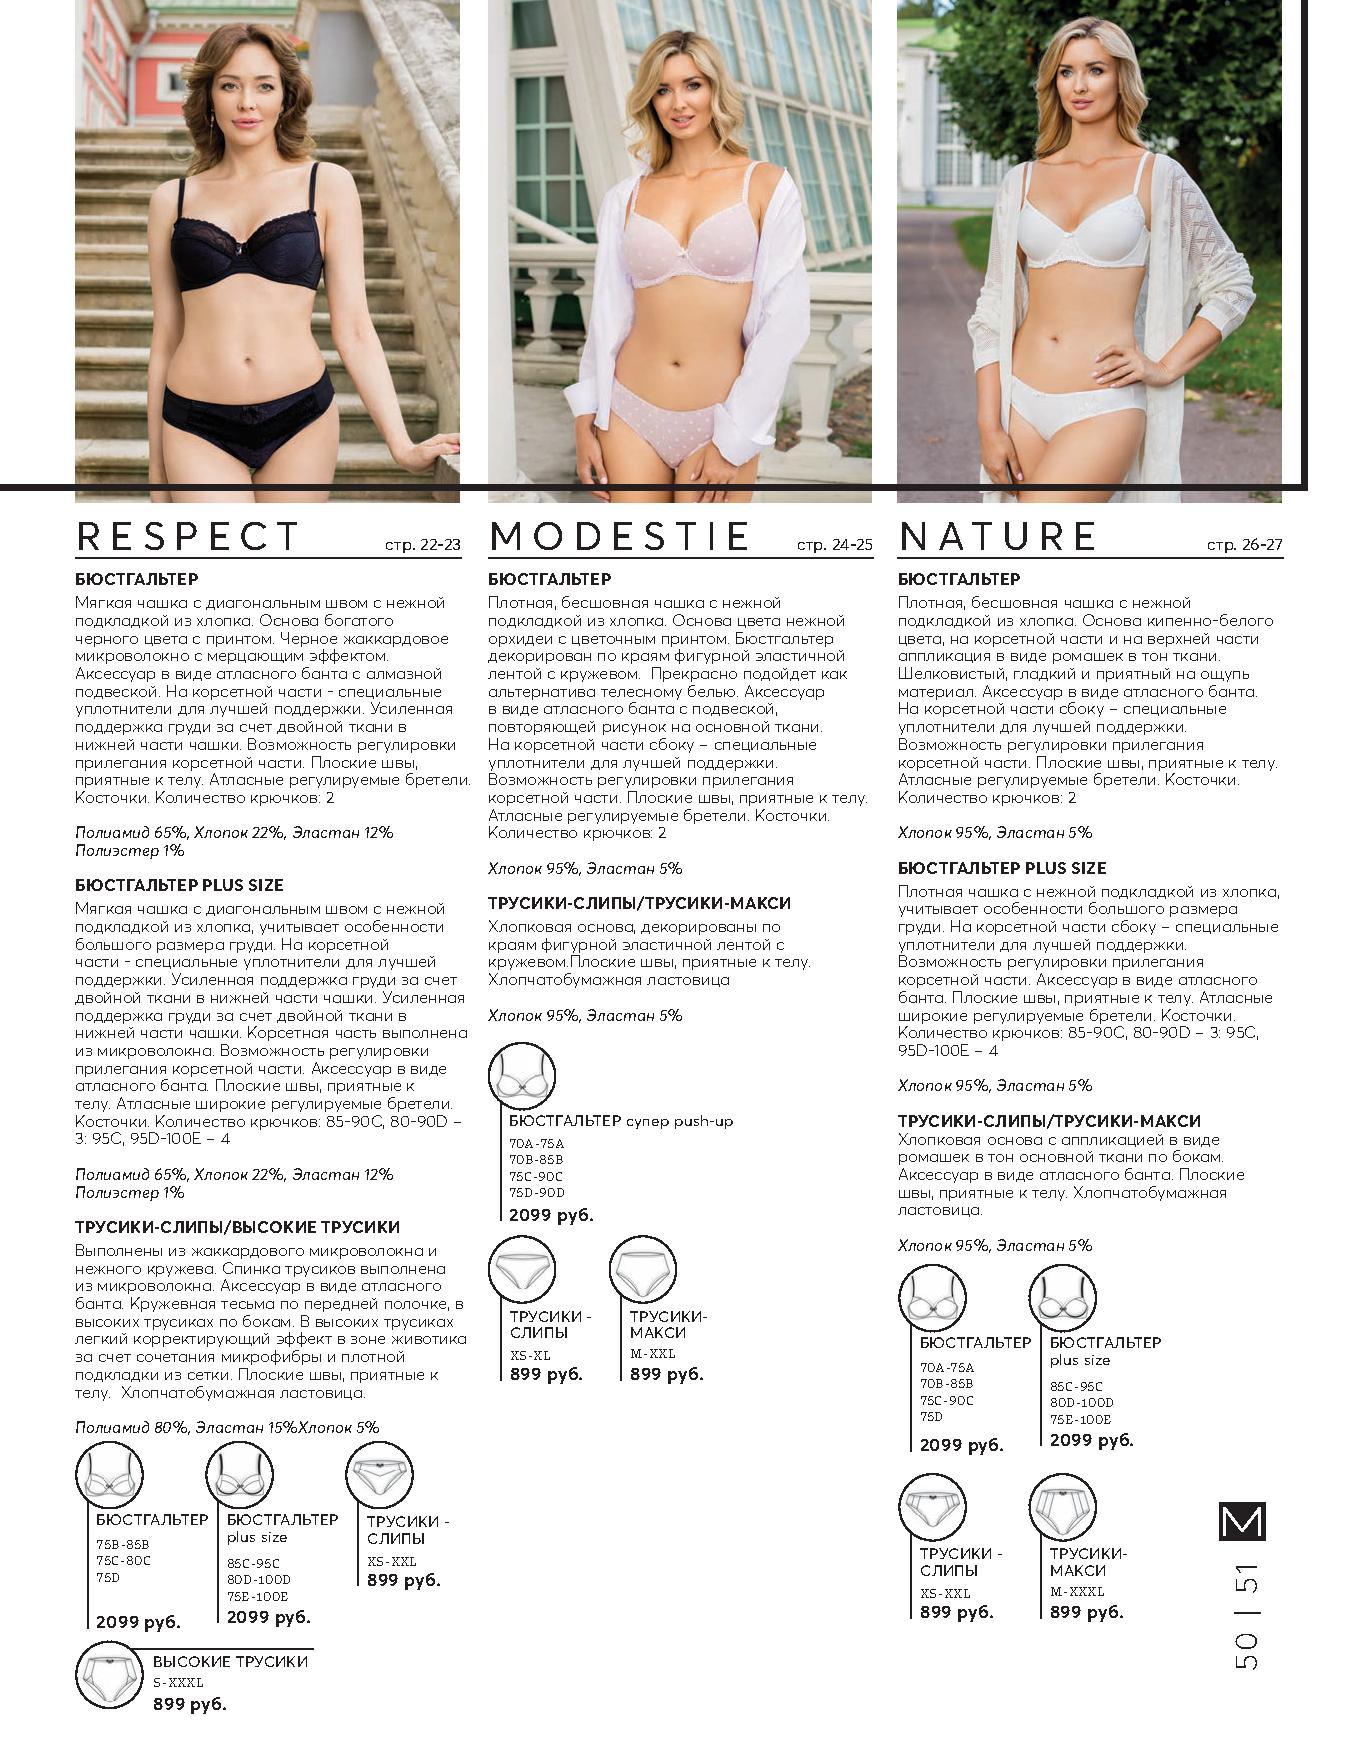 картинка описание моделей нижнего белья каталог МонМио осень-зима 2018-2019